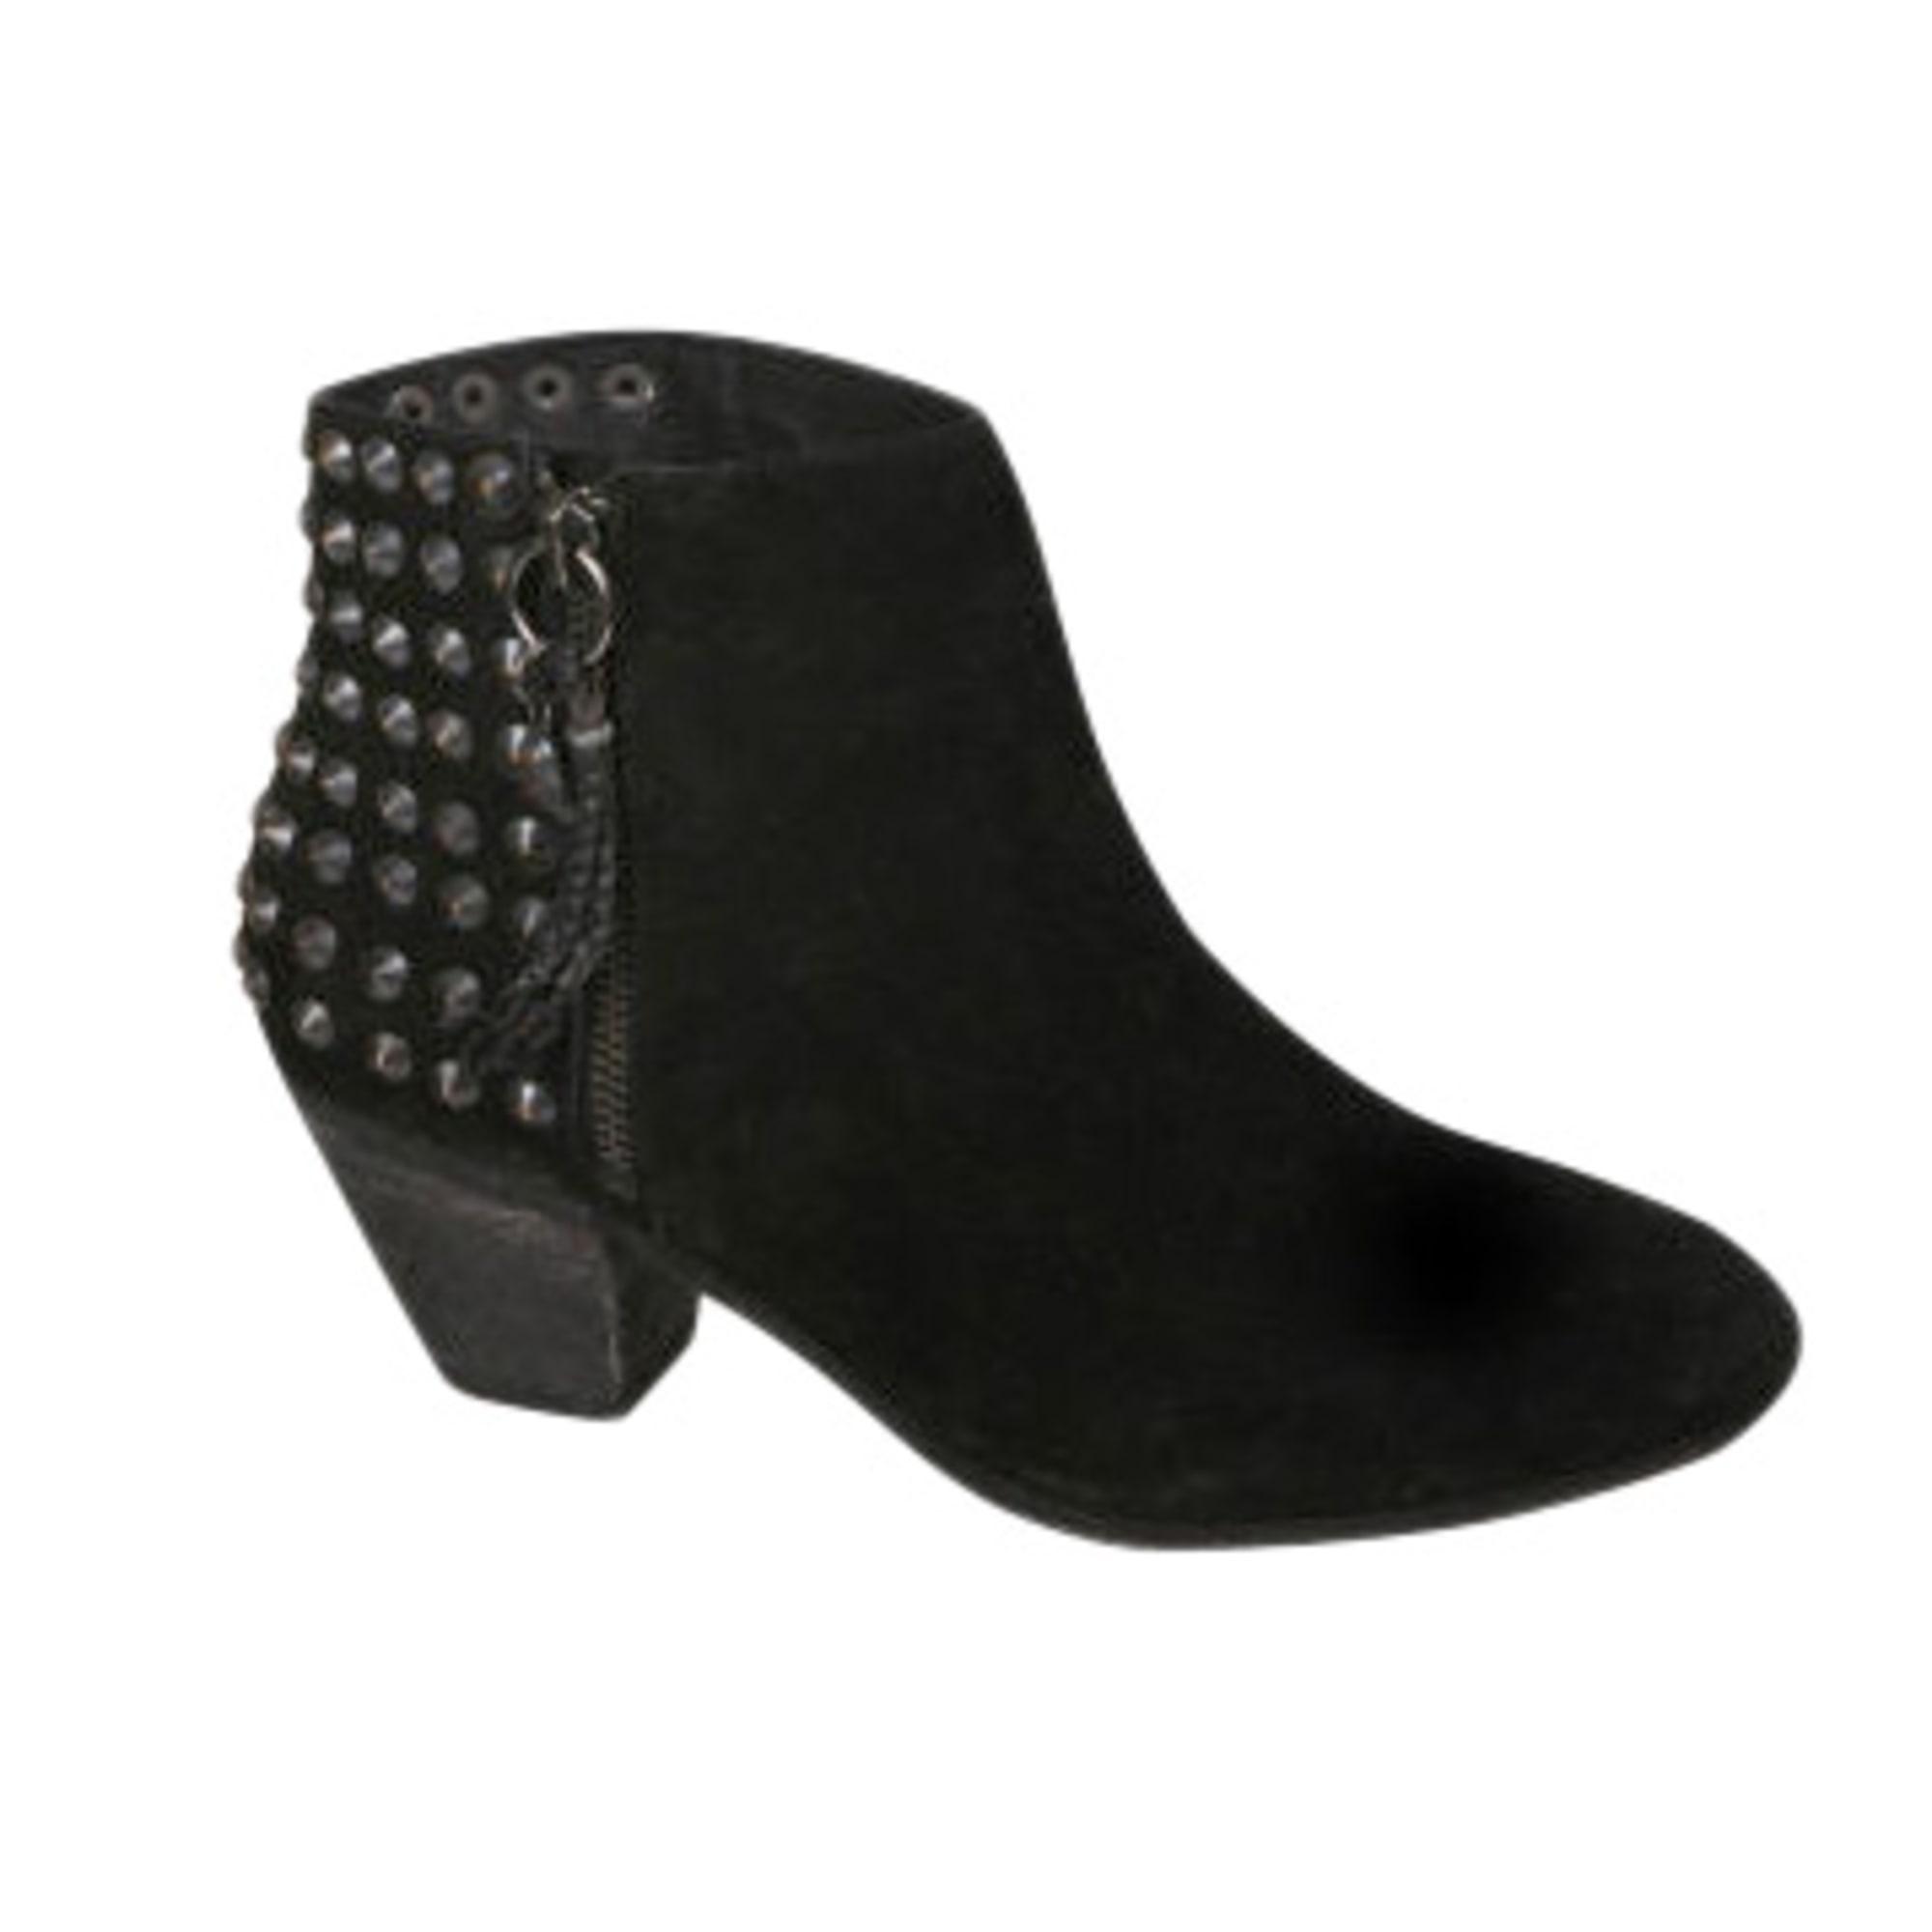 3f8201291ef Bottines   low boots à talons ASH 39 noir vendu par Mademoiselle f ...